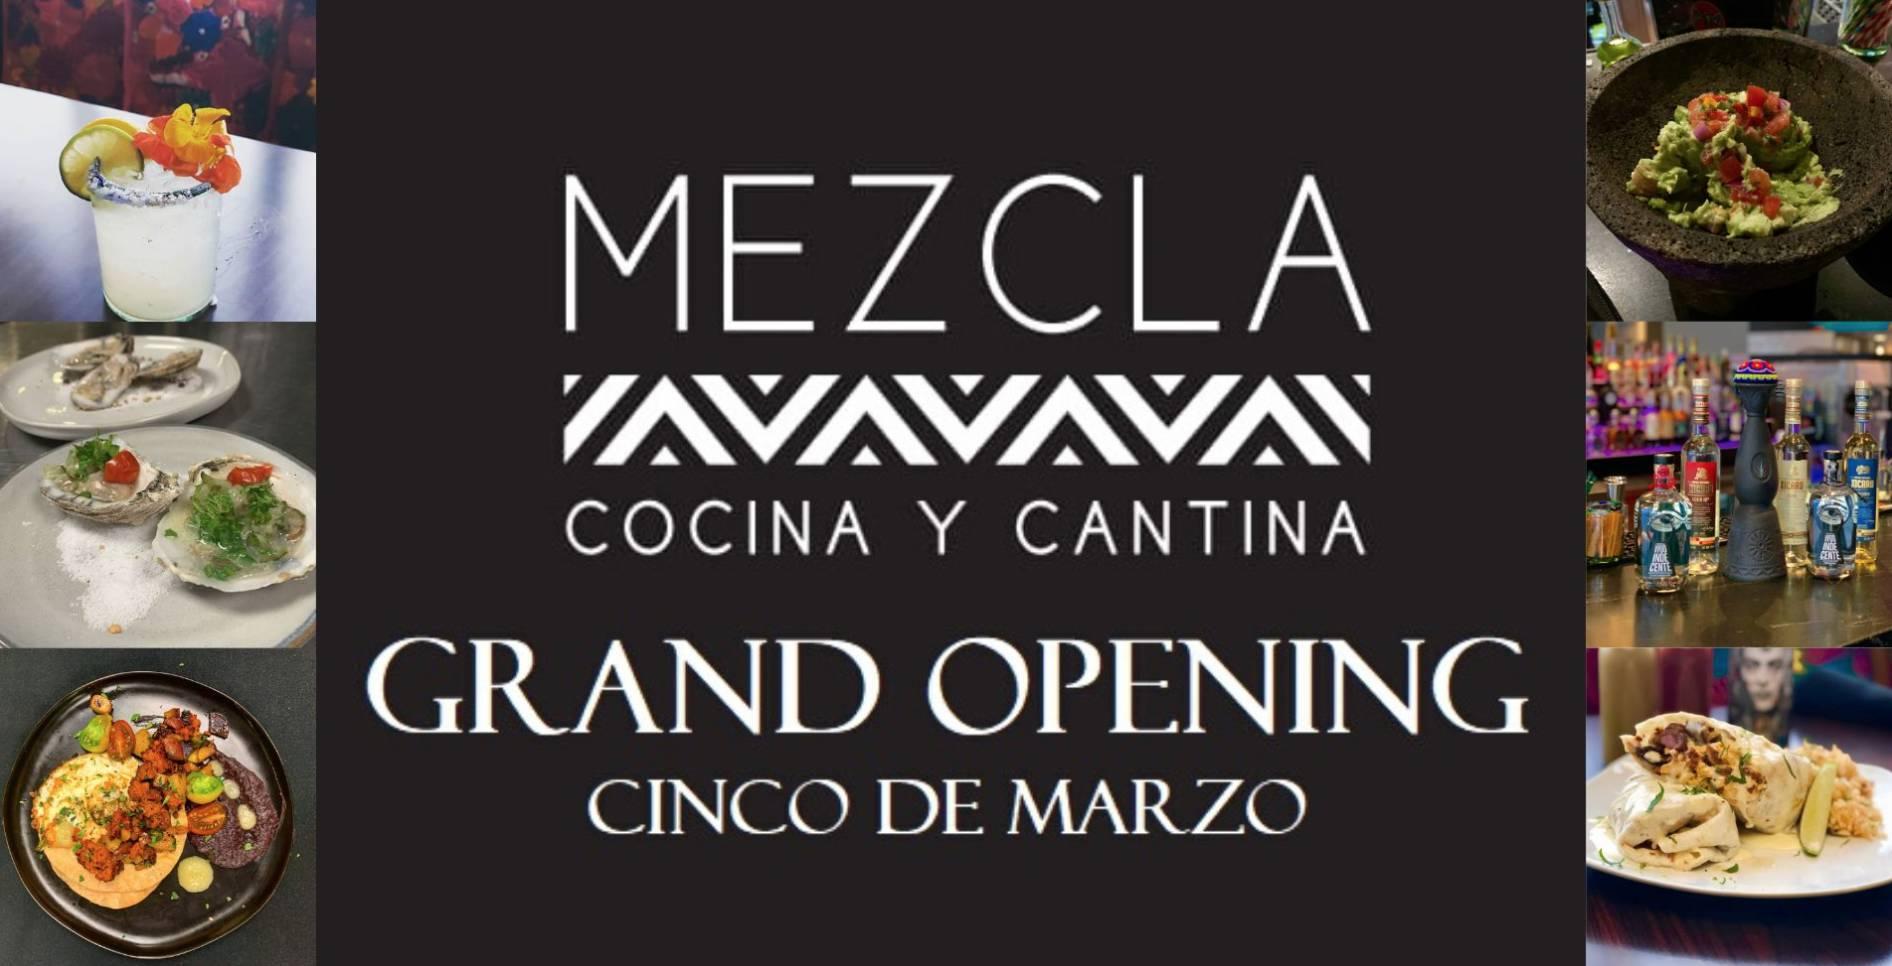 Mezcla Grand Opening - Cinco de Marzo